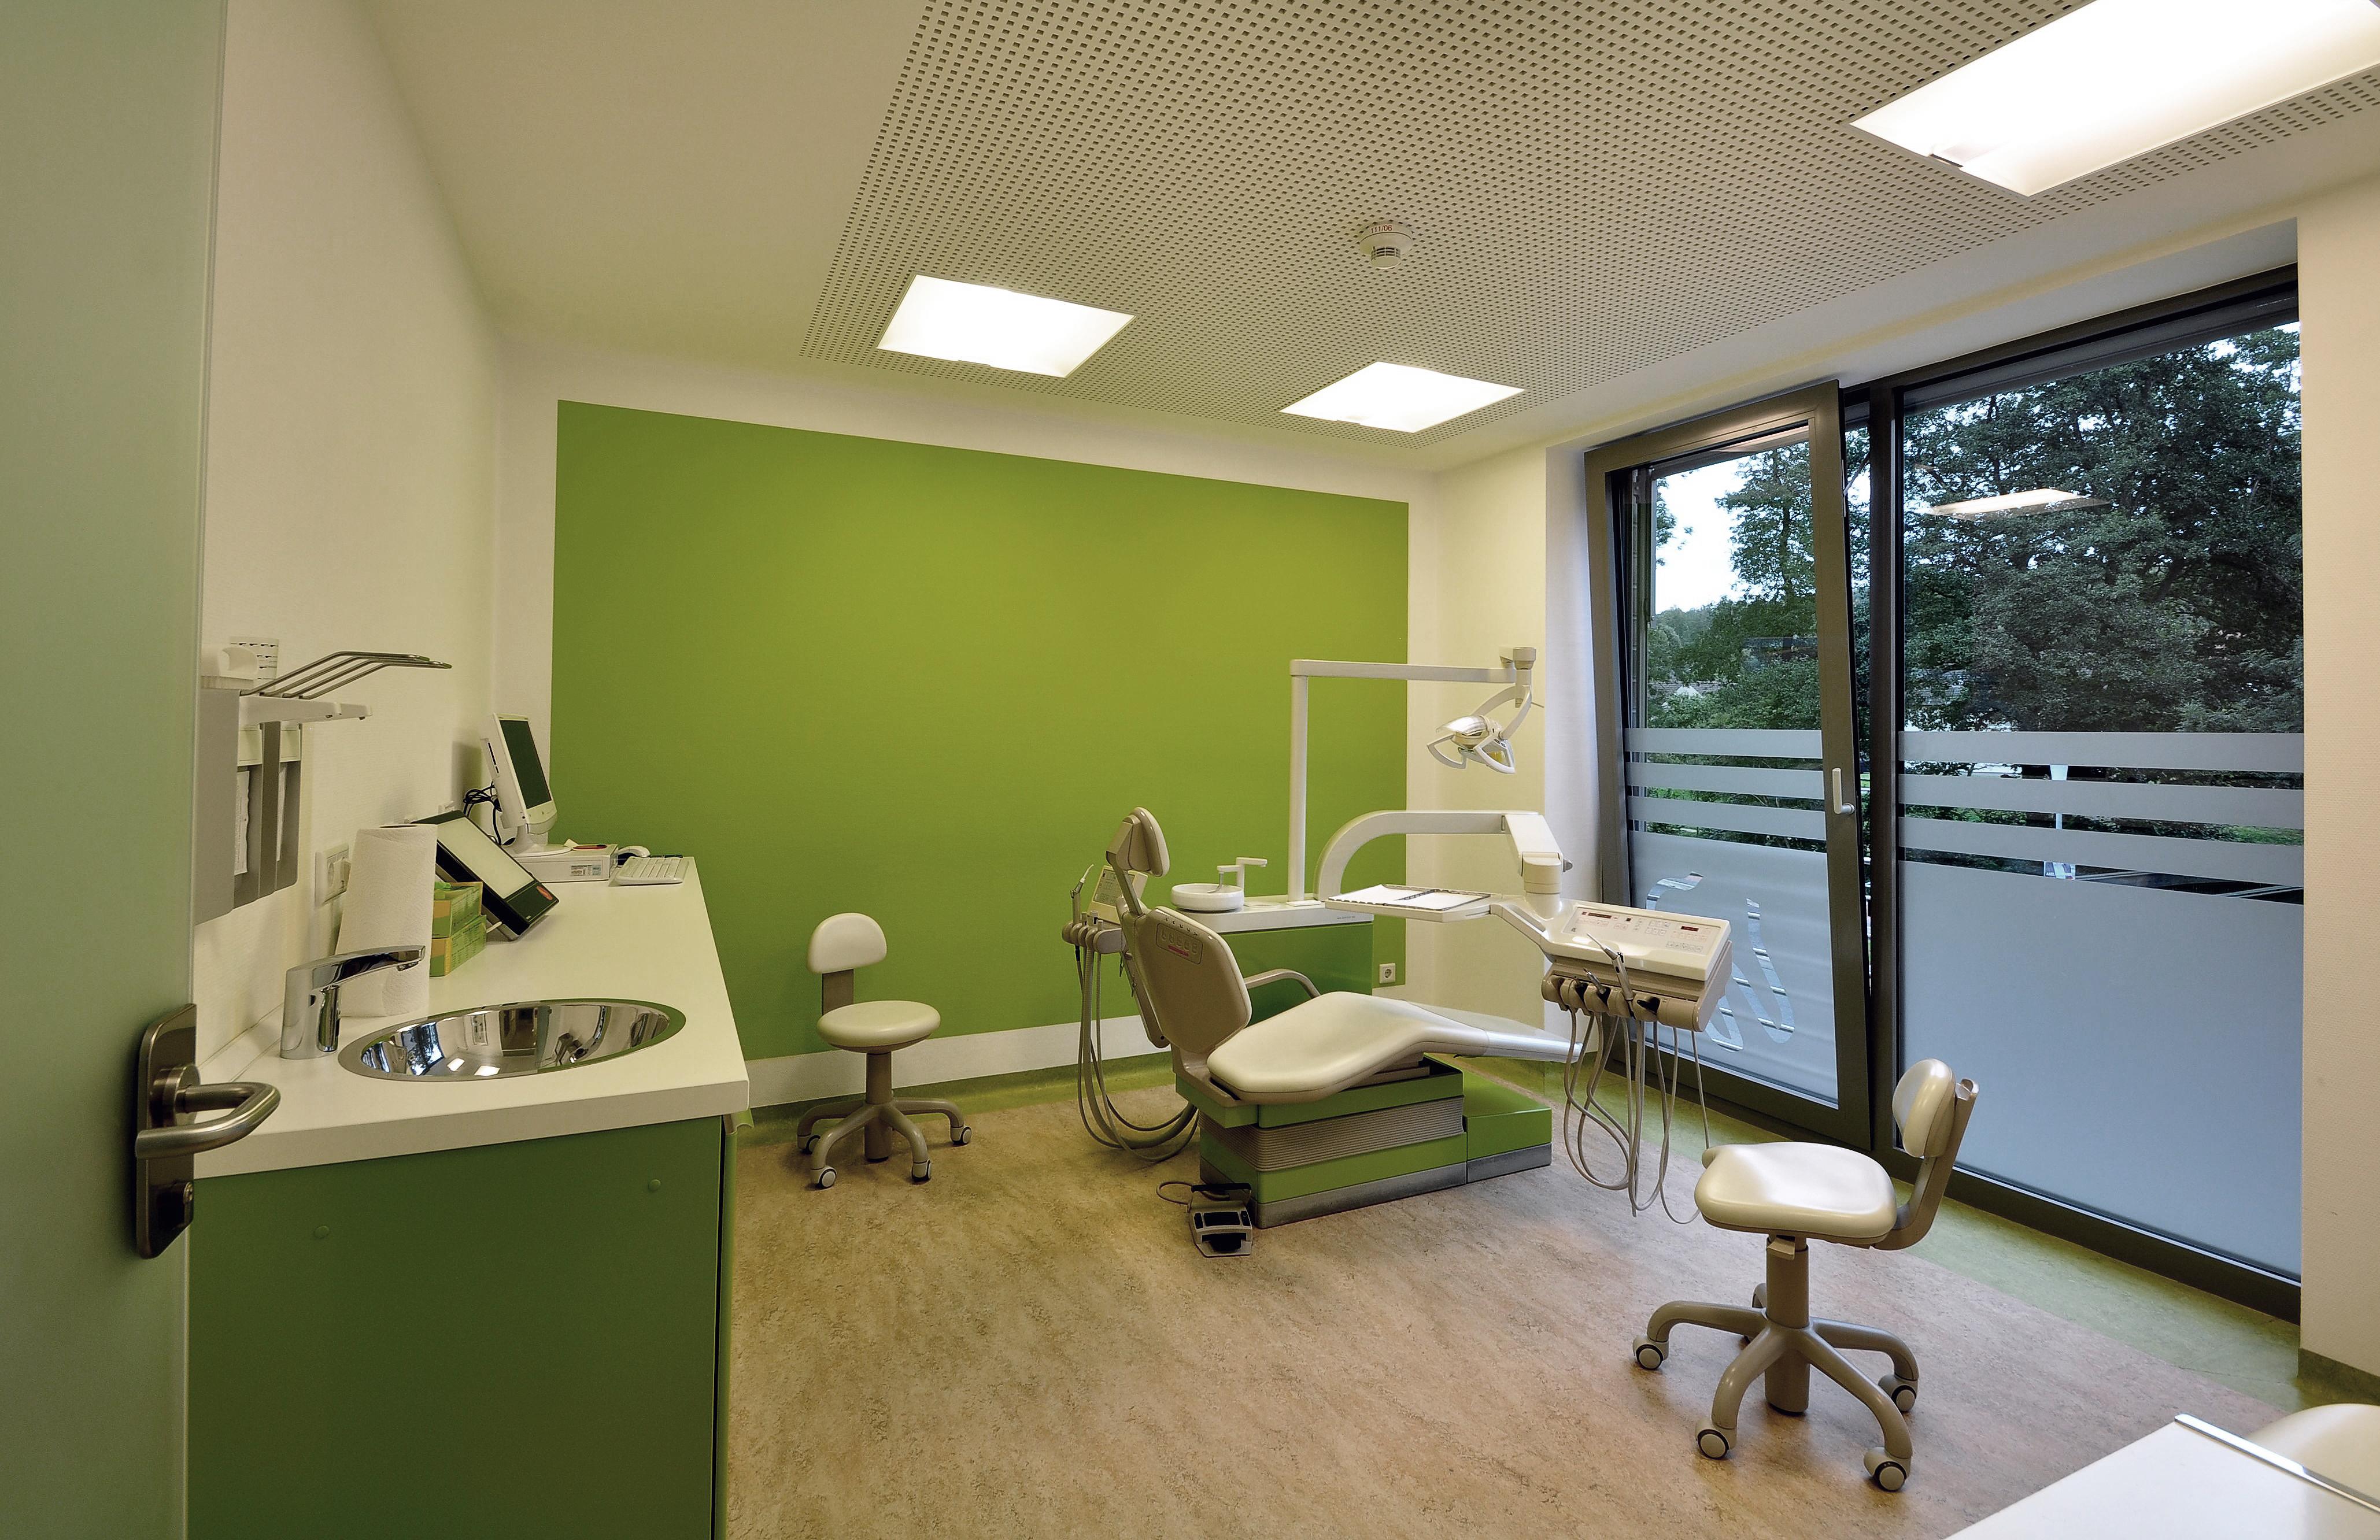 Zahnarzt Dr. Diete Praxis Bild 08